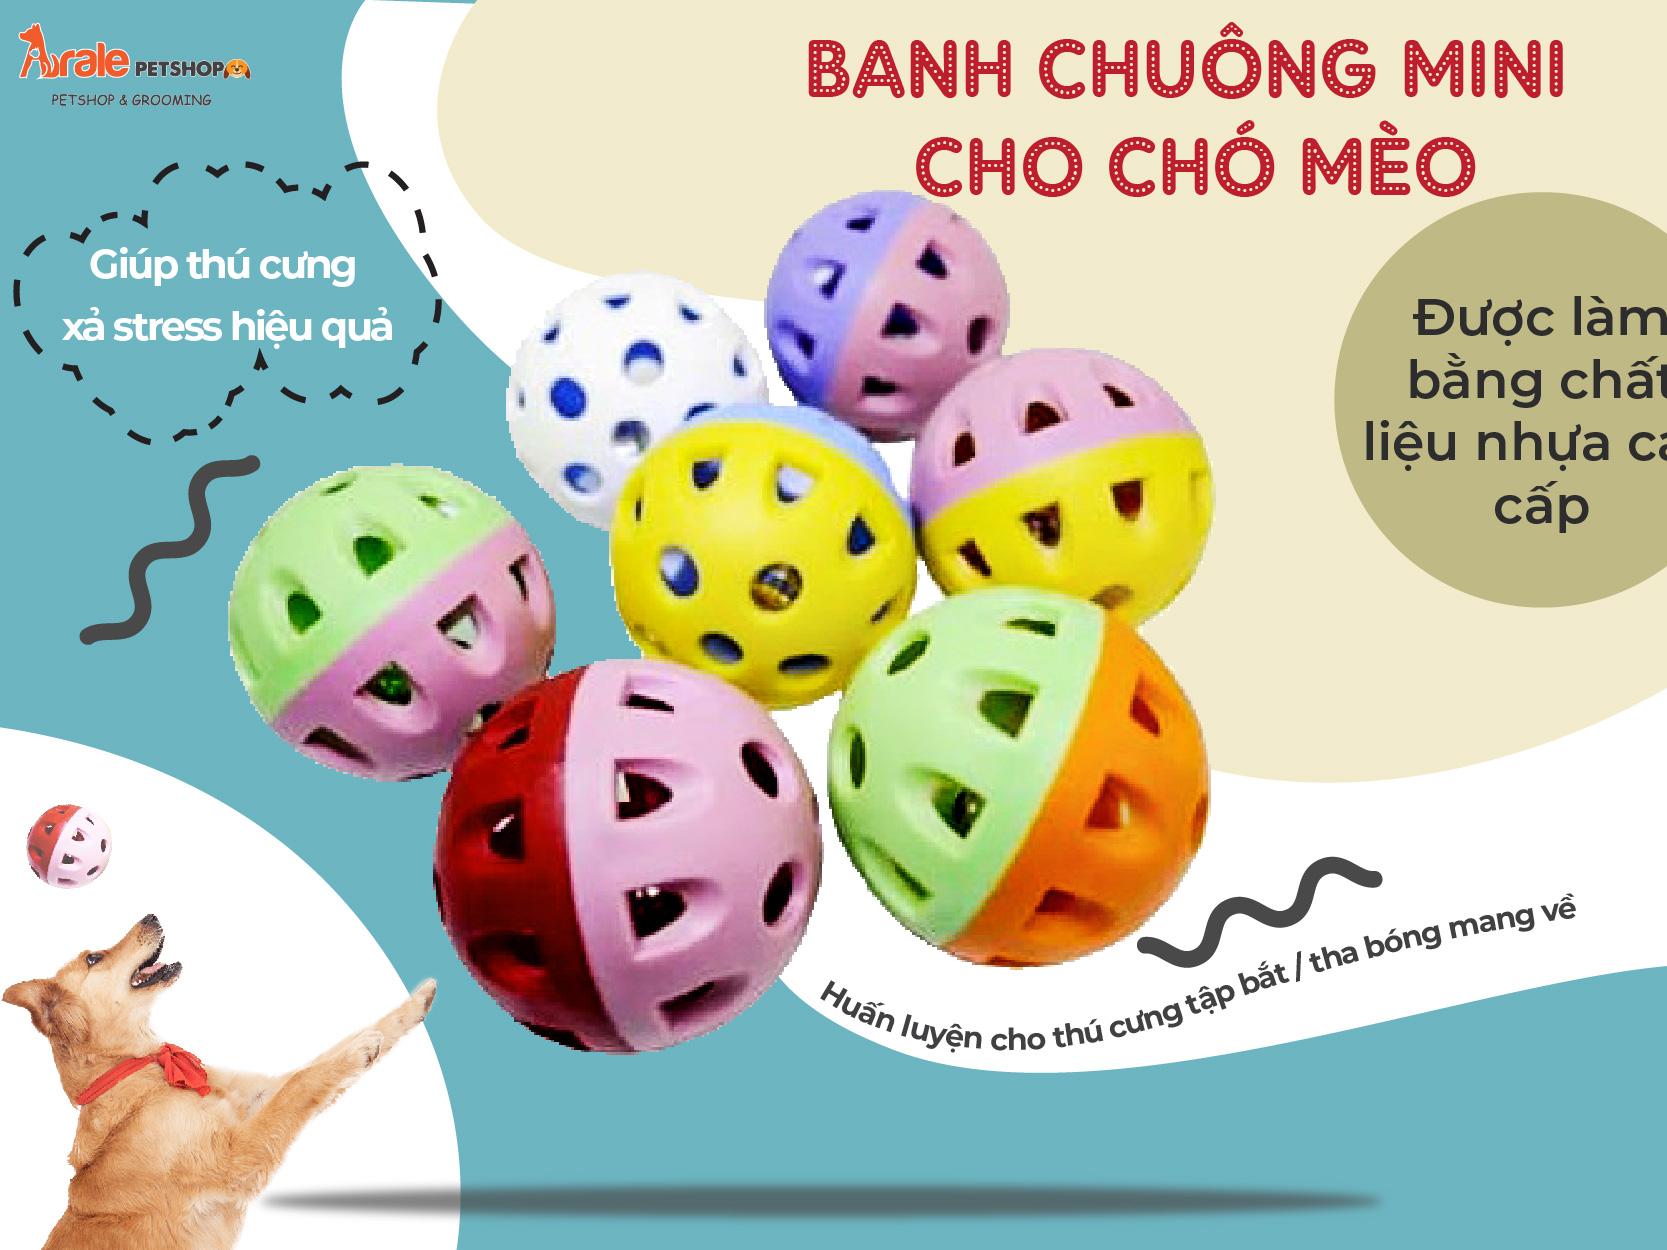 BANH CHUÔNG MINI CHO CHÓ MÈO